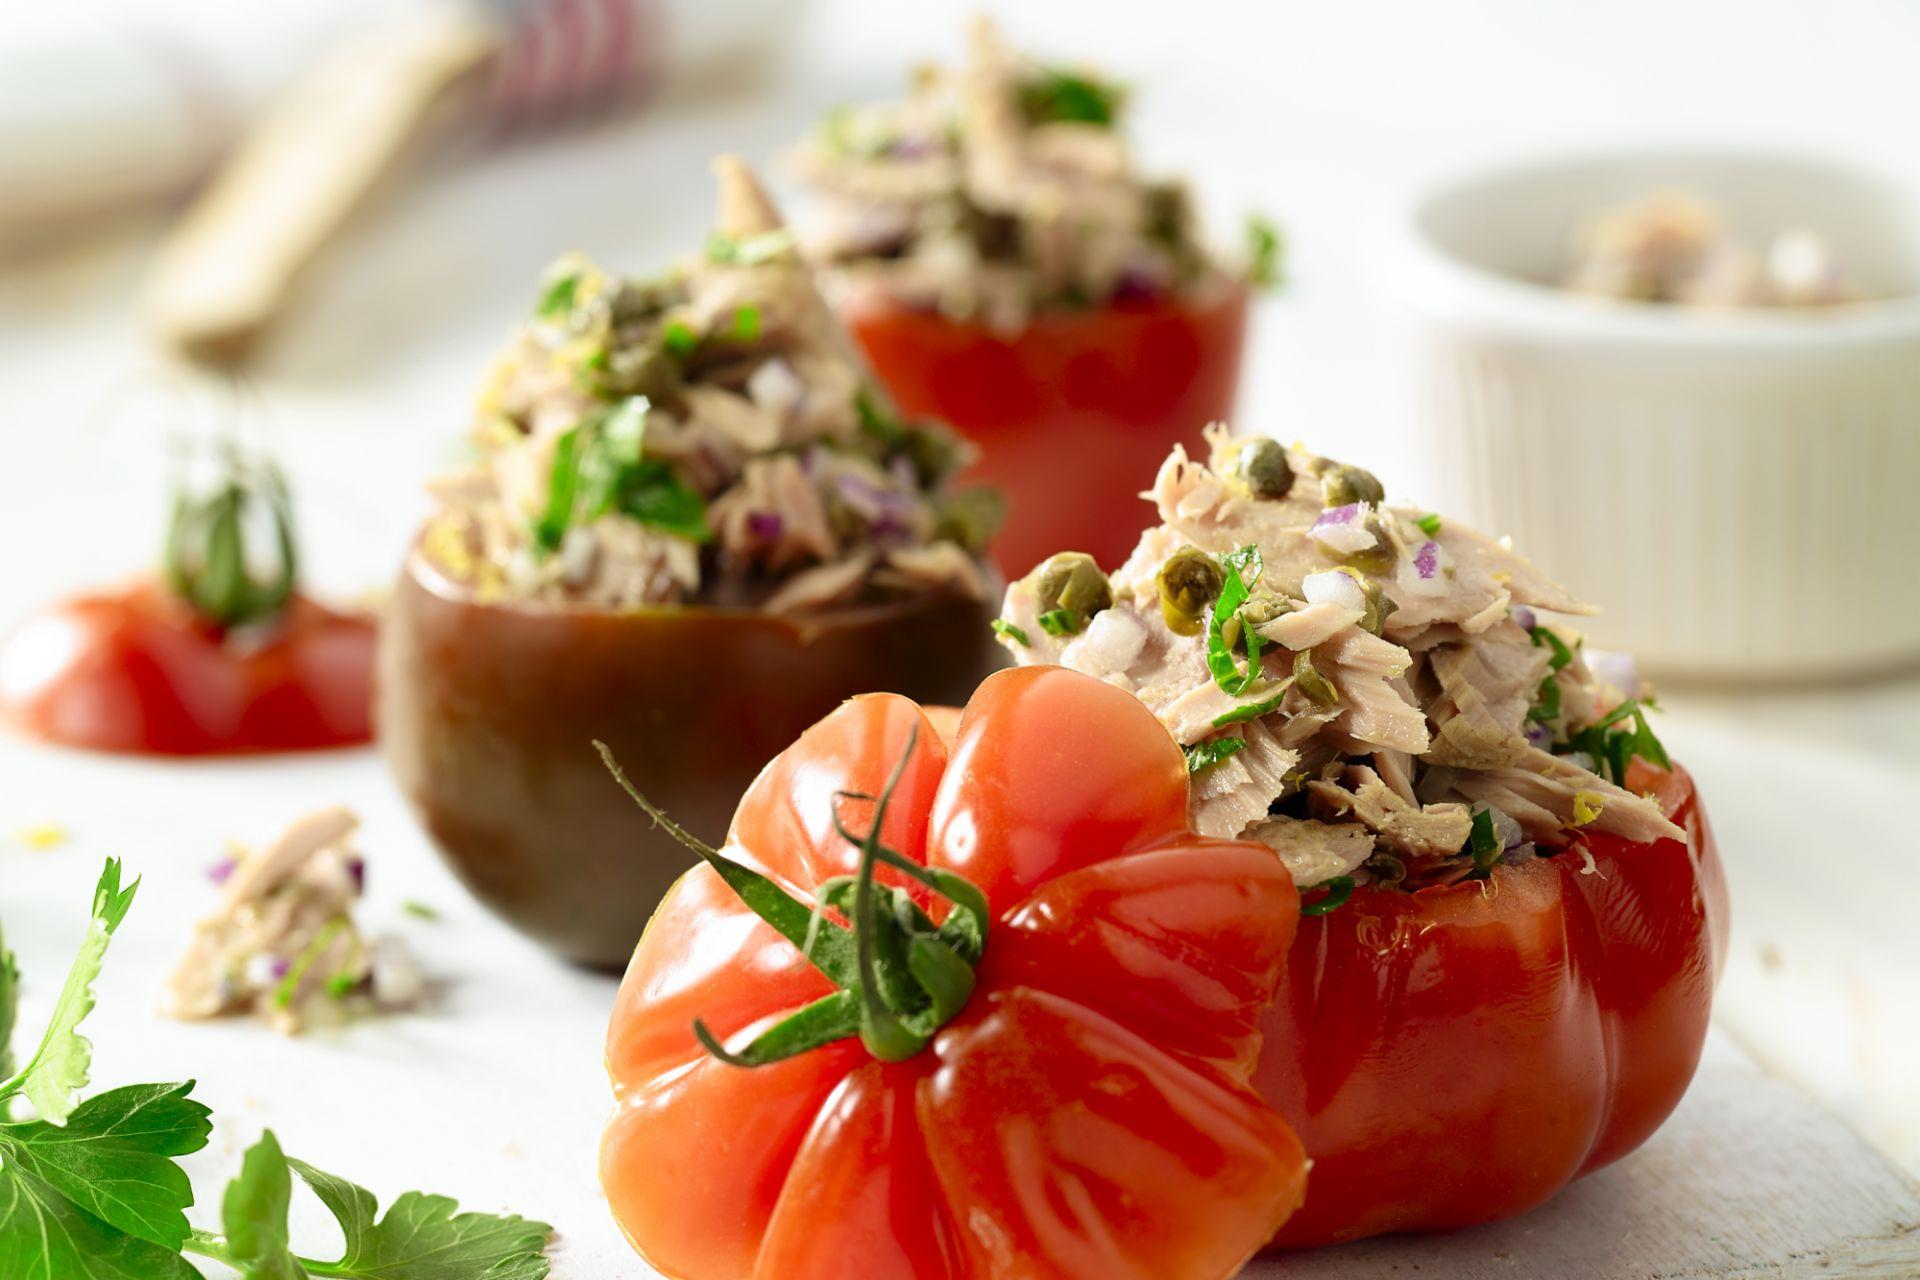 Met tonijnsalade gevulde tomaten